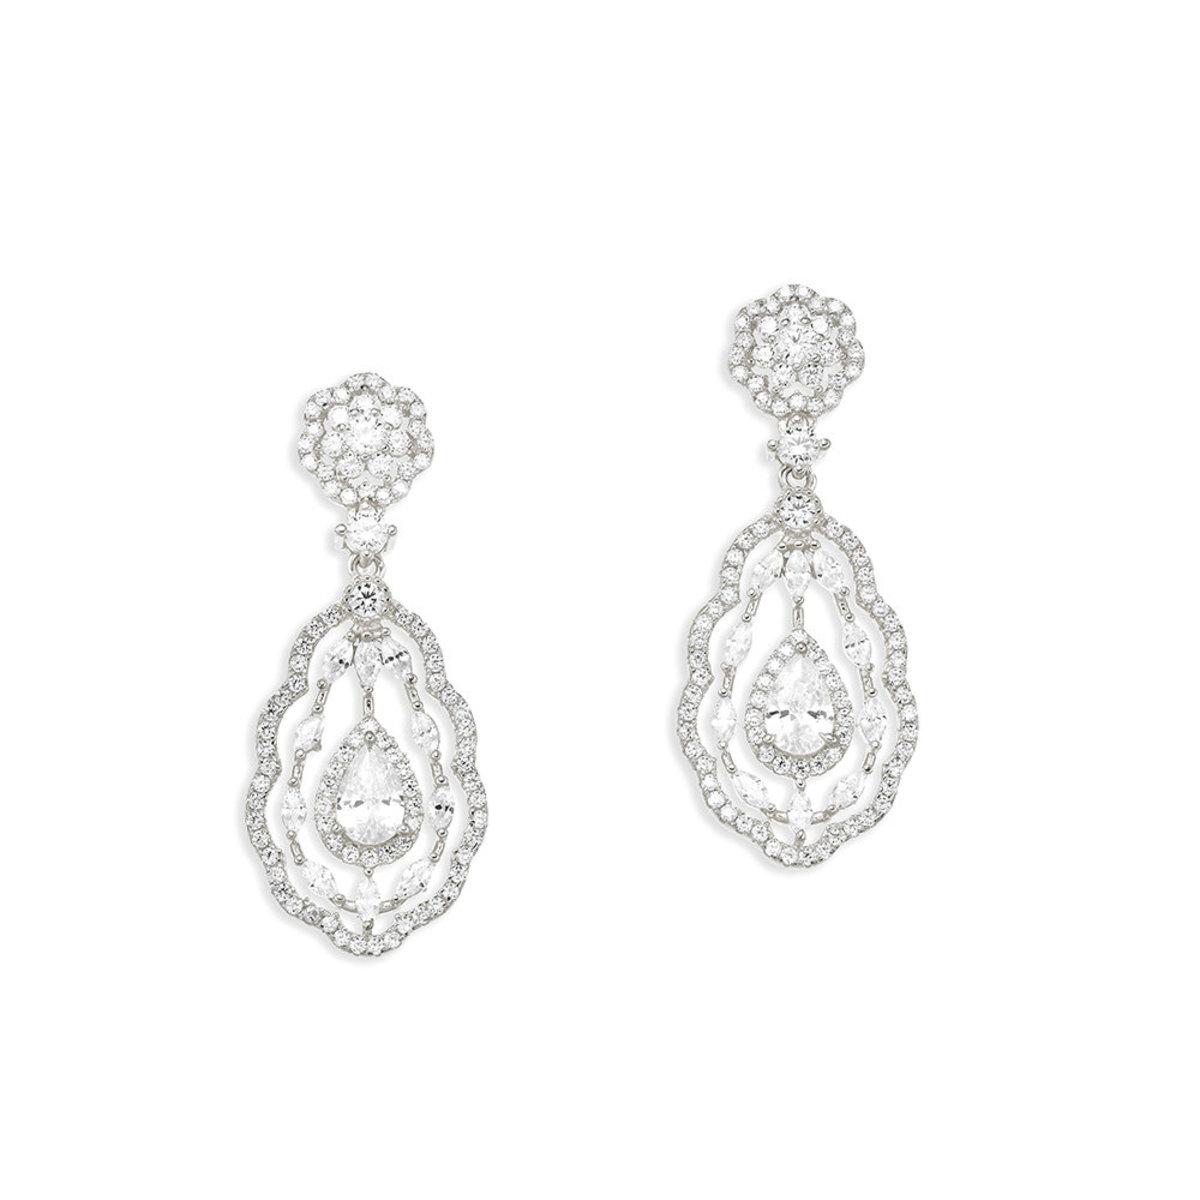 La Belle:925 silver,CZ stone pierced earrings